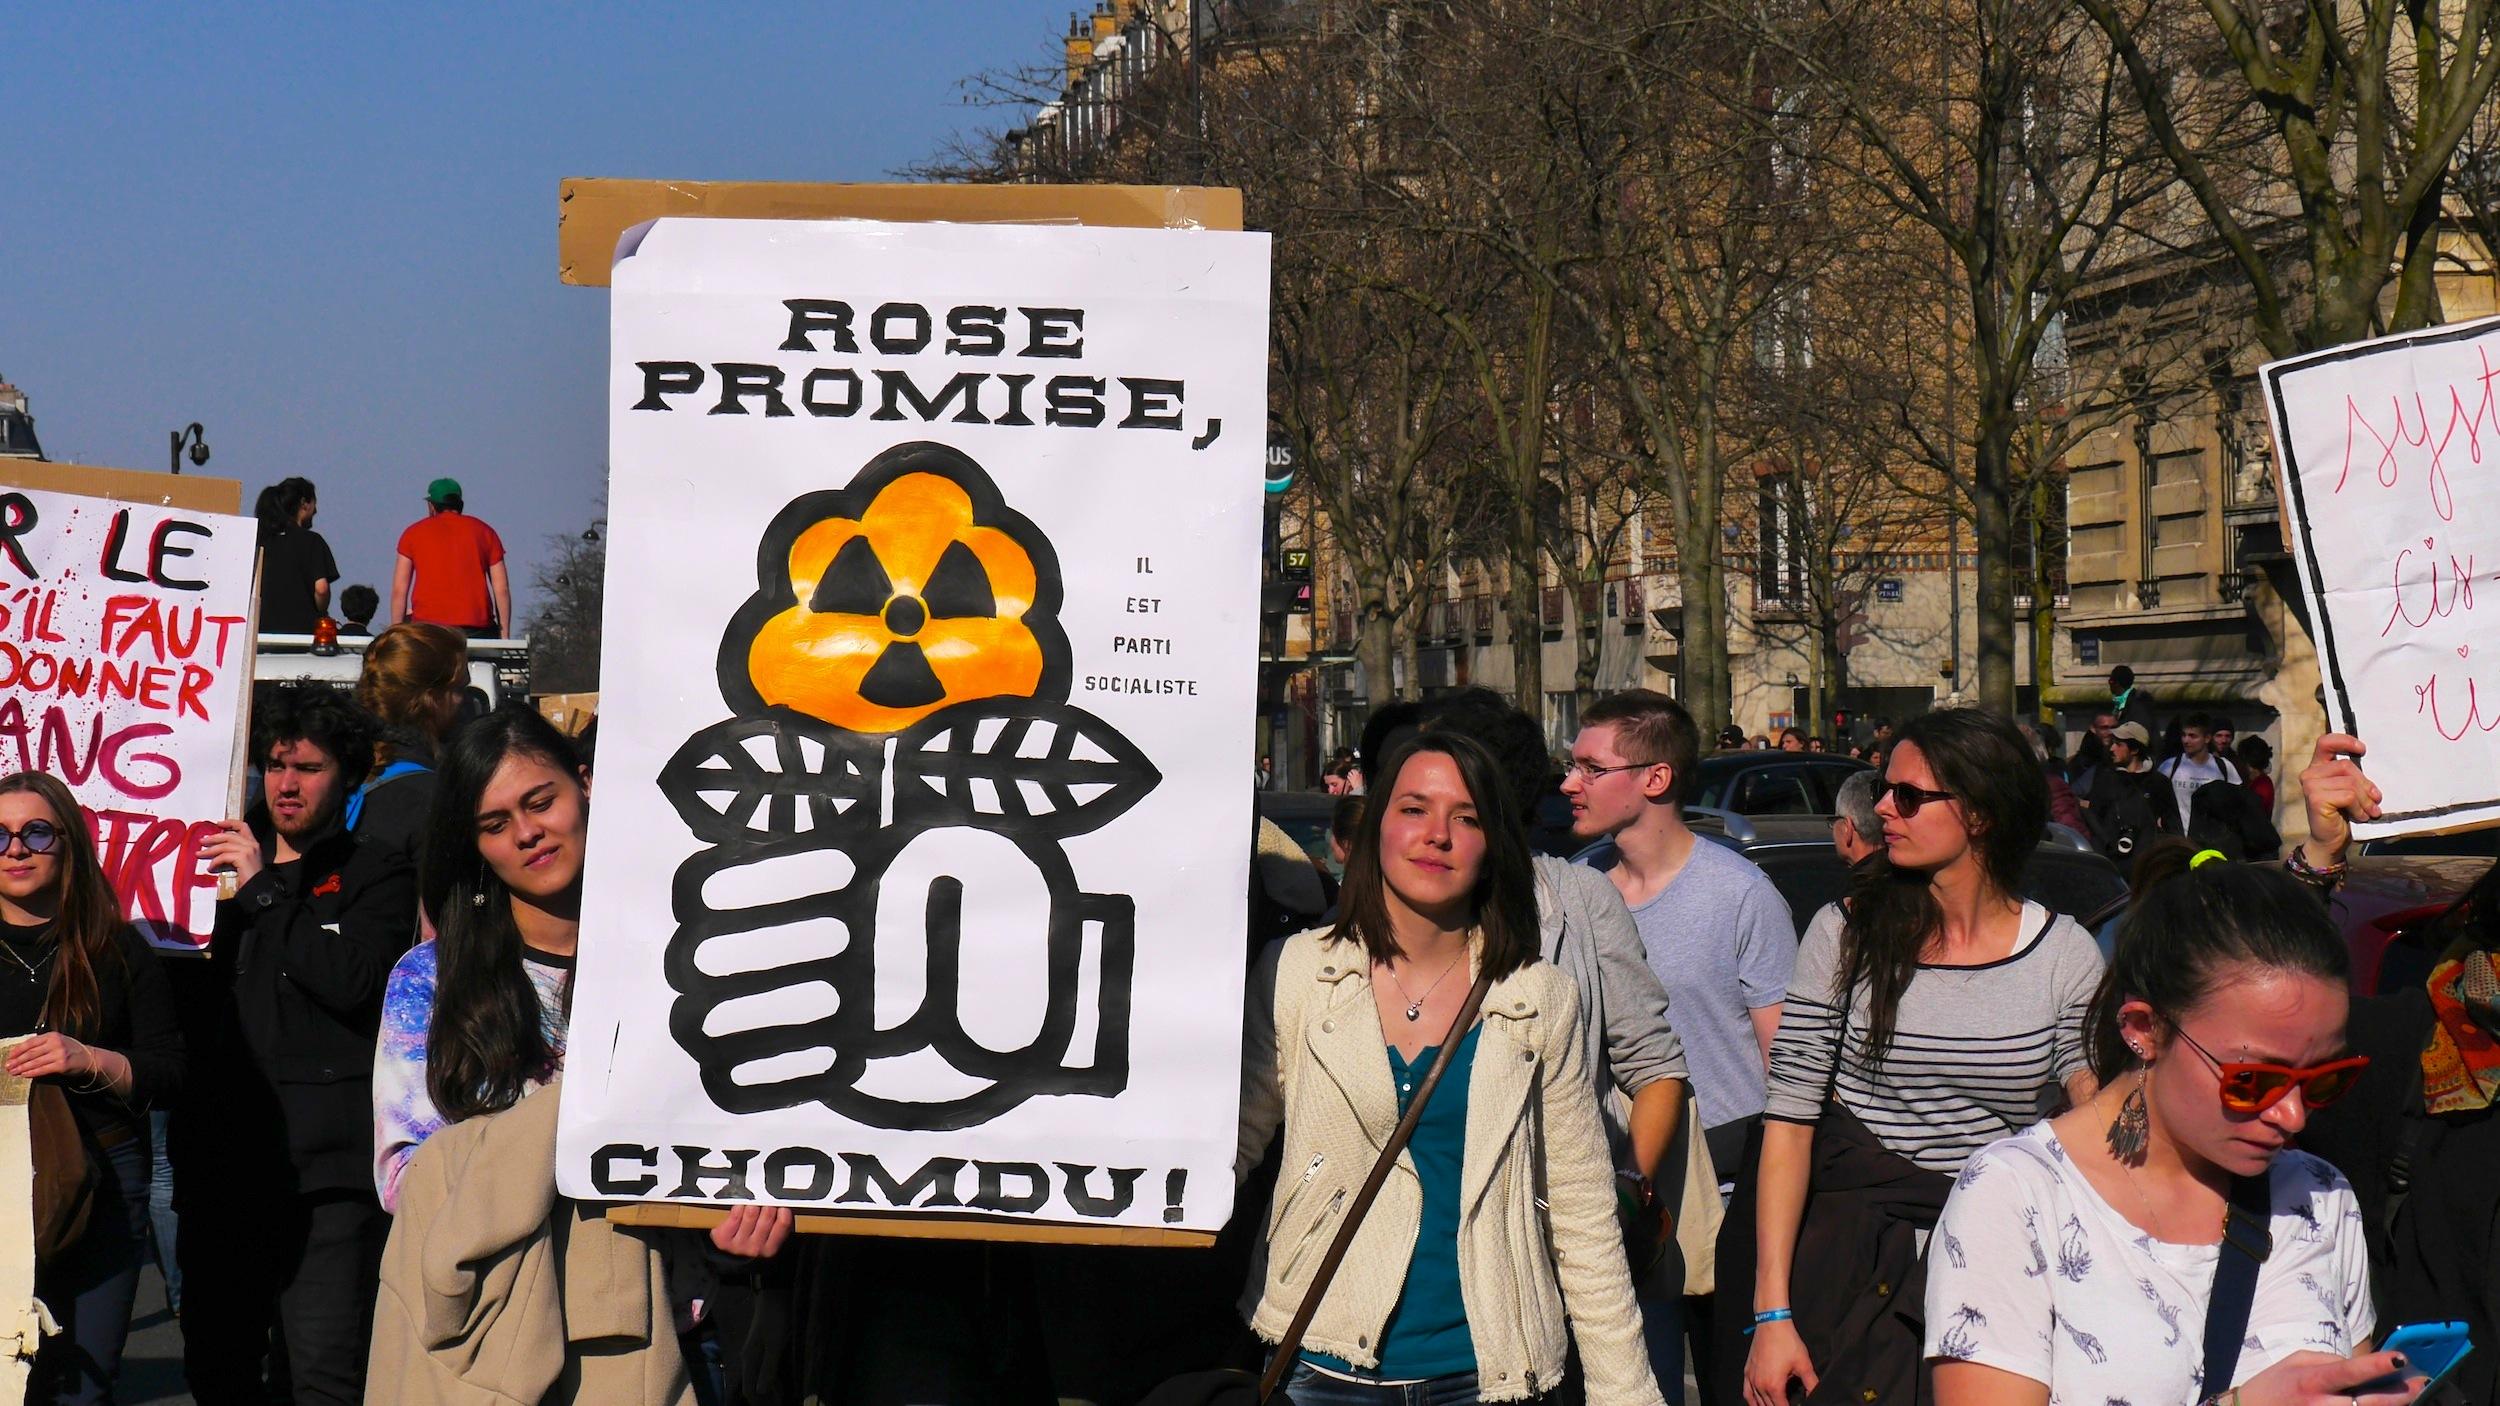 «Rose promise, chomdu. Il est parti socialiste»